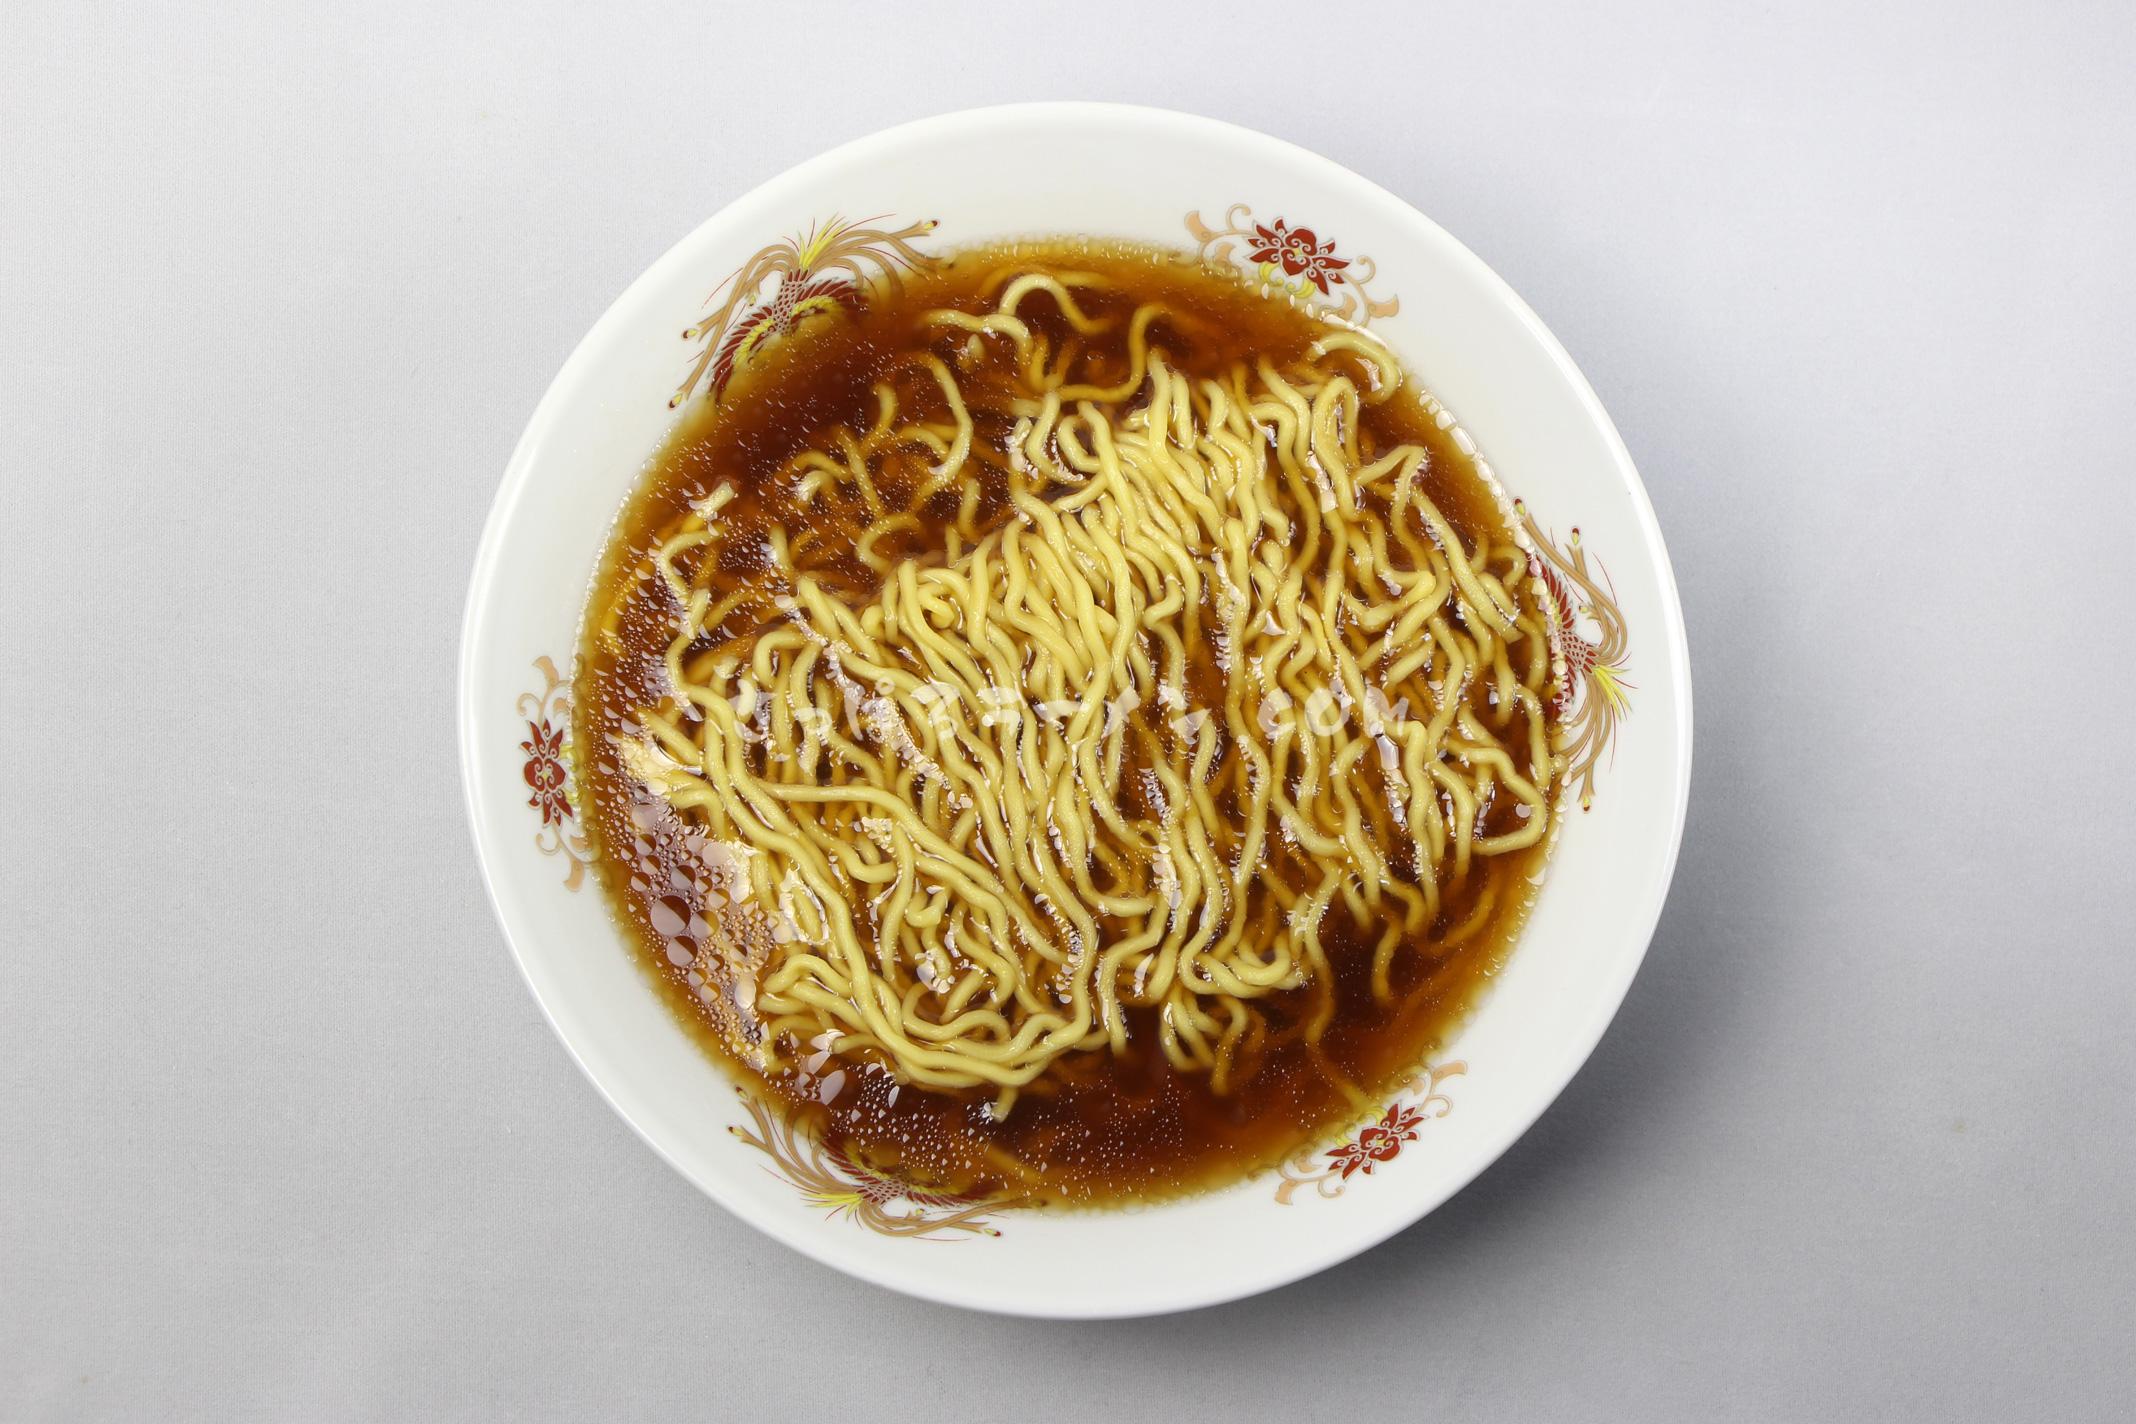 「札幌名産 西山ラーメン 乾燥 札幌 しょうゆ味(1食入)」(西山製麺)の完成画像